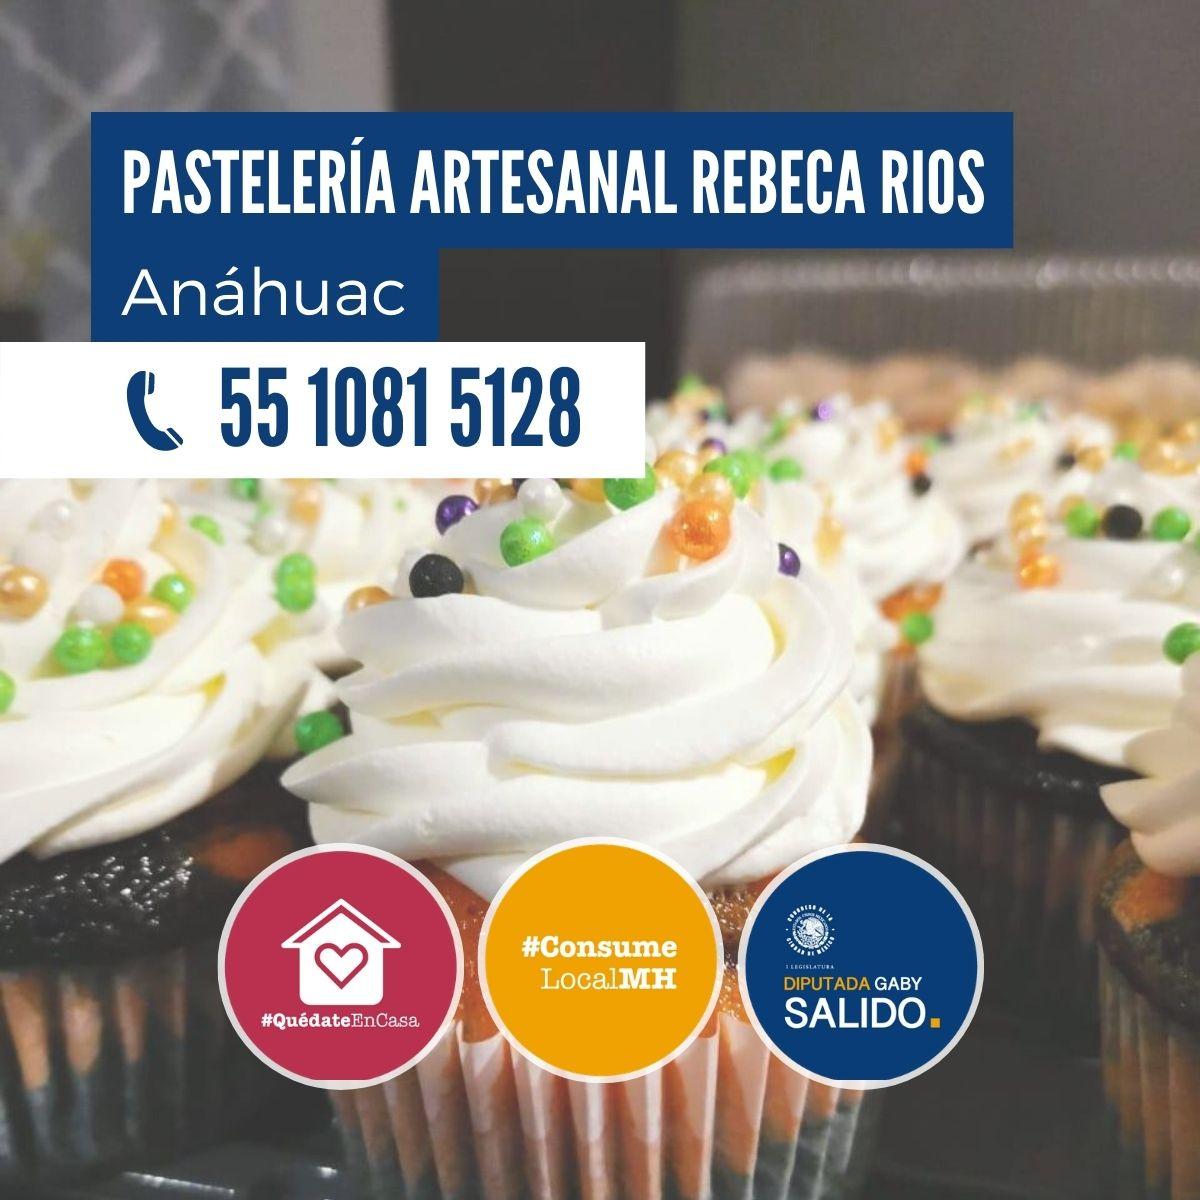 Pastelería Artesanal Rebeca Rios